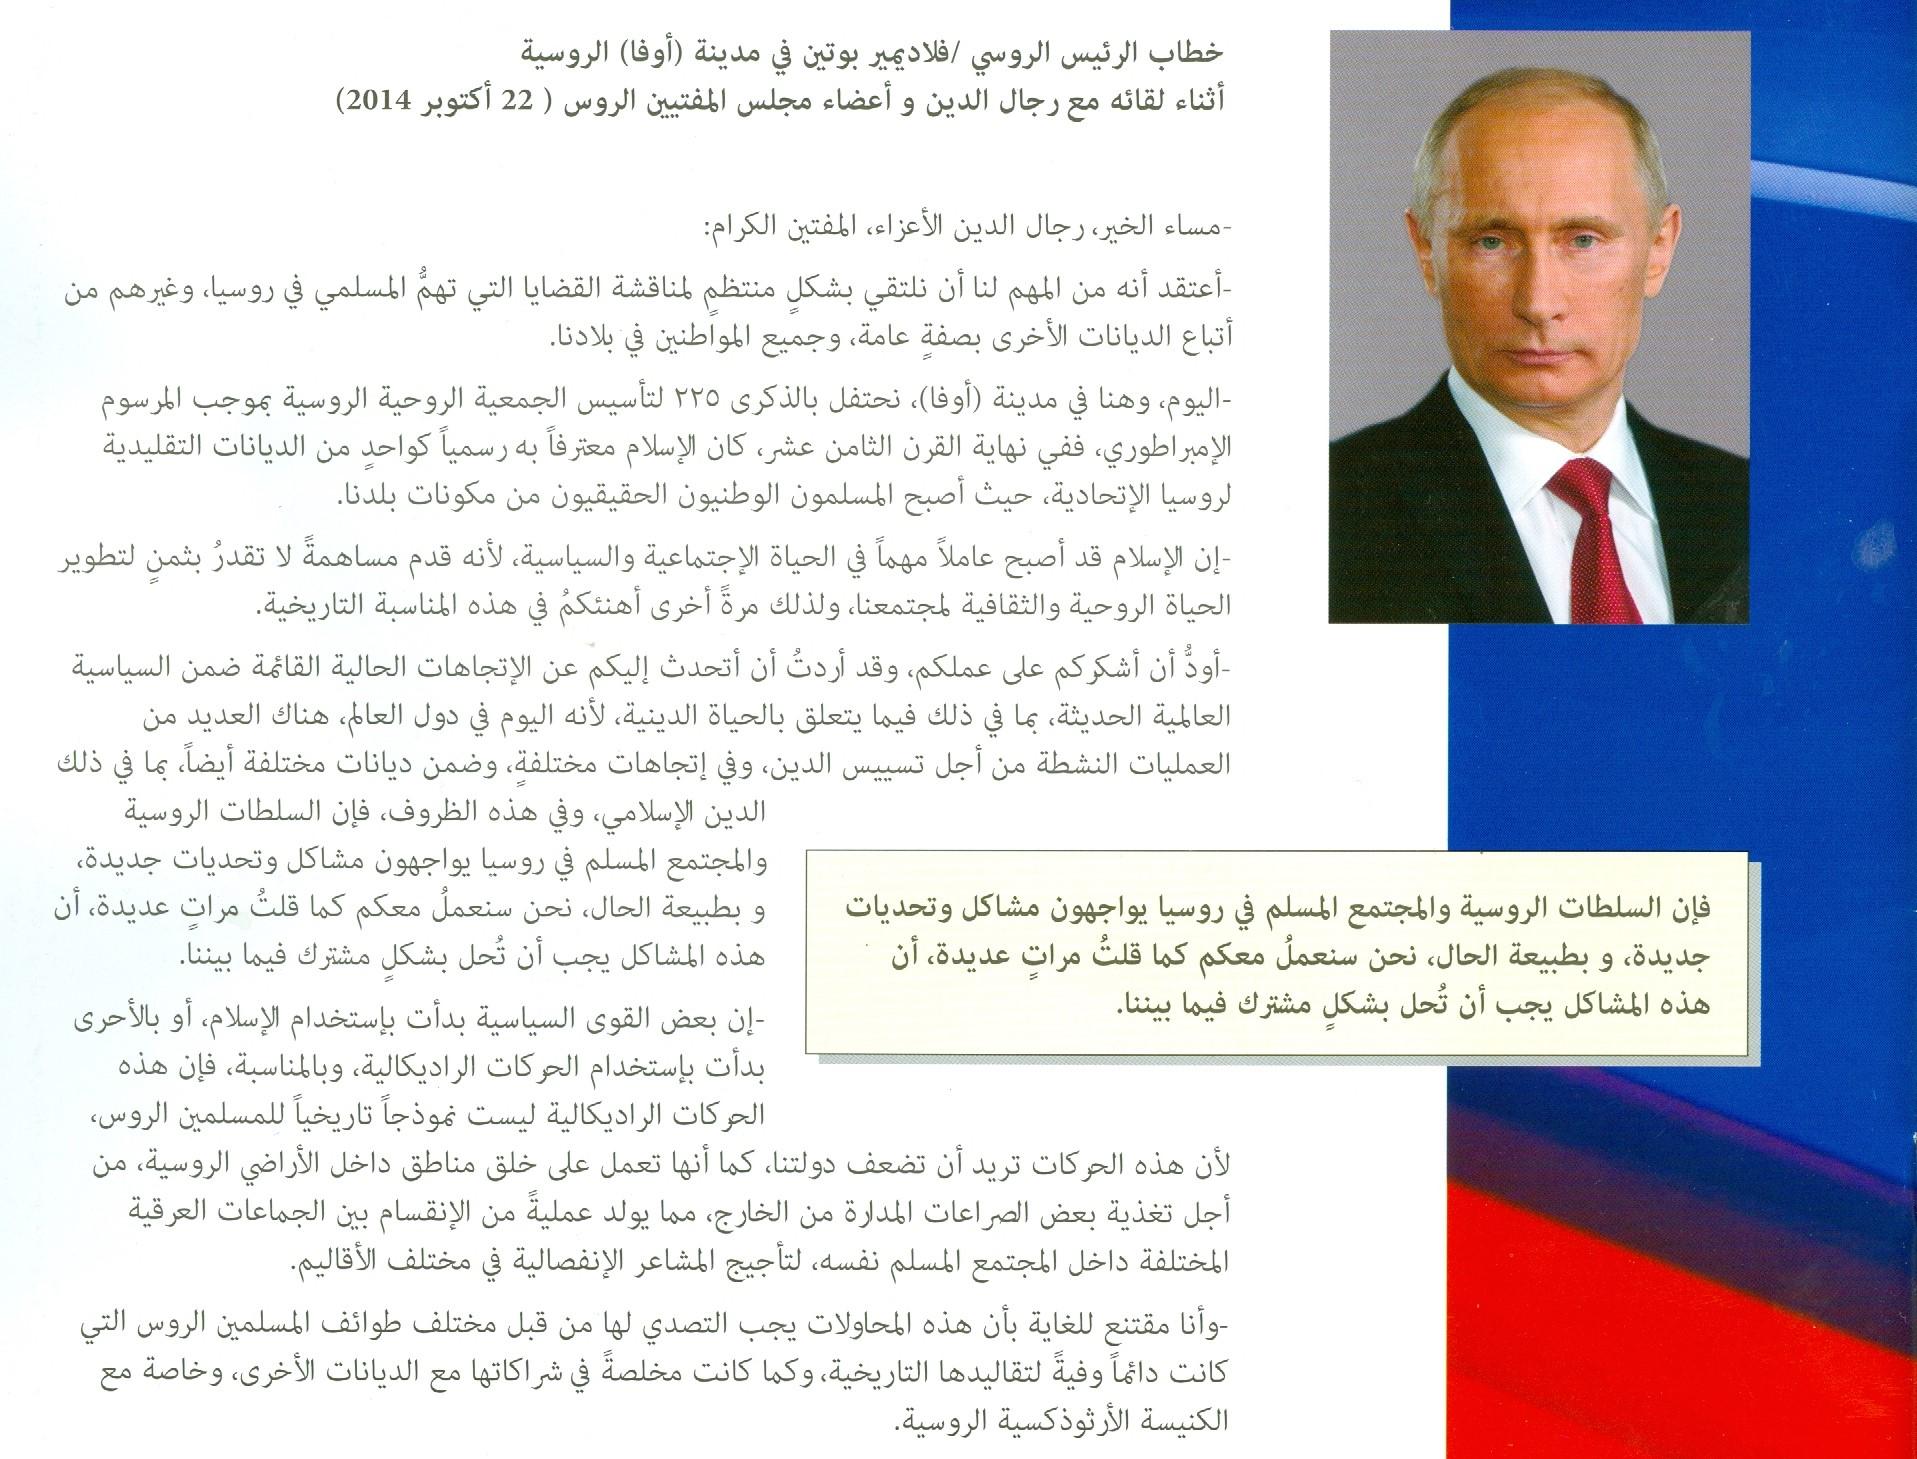 خطاب الرئيس الروسي /فلاديمير بوتين أثناء لقائه مع مسلمين